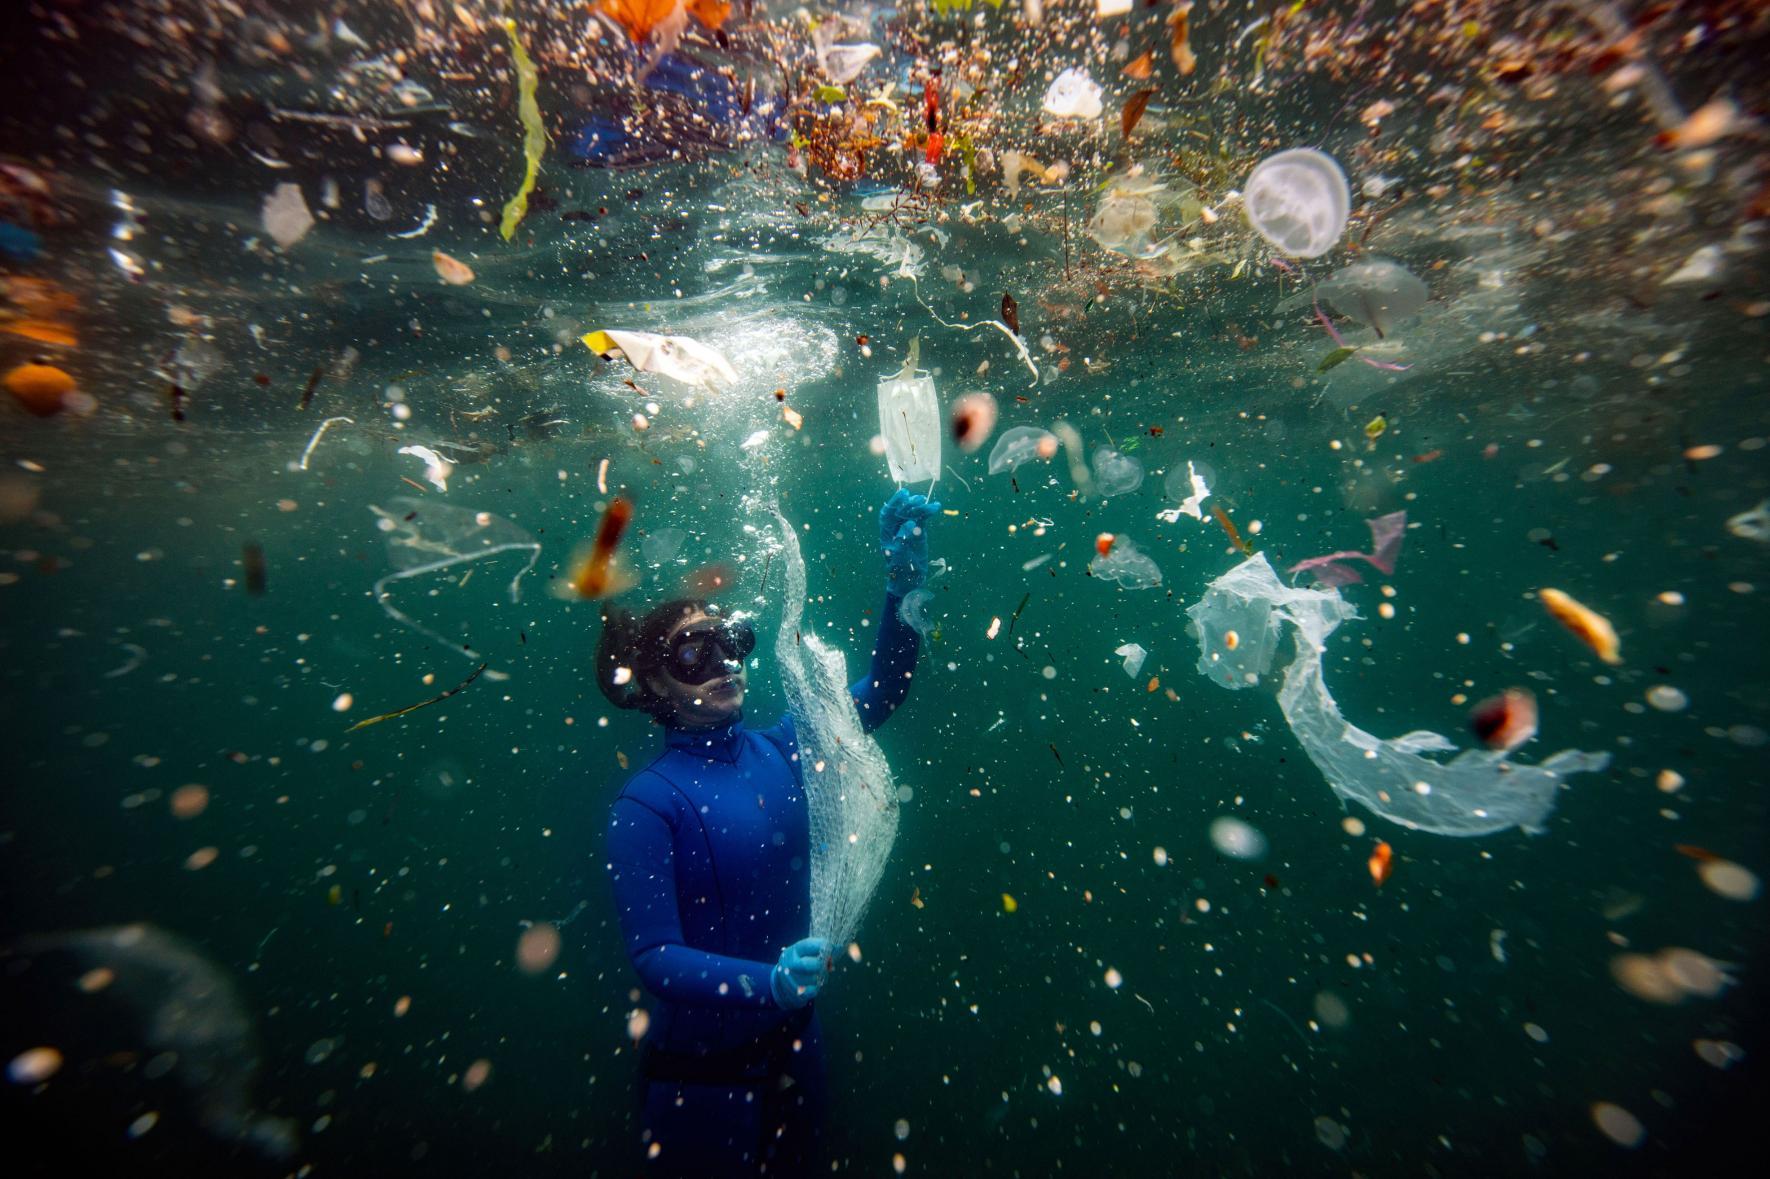 Την τρίτη θέση στην κατηγορία Ανθρωποι και Φύση κατέκτησε ο Τούρκος Sebnem Coskun, η φωτογραφία του οποίου δείχνει τον κίνδυνο για την υποβρύχια ζωή από τα απόβλητα. Σύμφωνα με μια έκθεση του Παγκόσμιου Ταμείου για την Αγρια Ζωή, κάθε λεπτό αναμιγνύονται στη Μεσόγειο πλαστικά απορρίμματα ισοδύναμα με 33.880 πλαστικά μπουκάλια